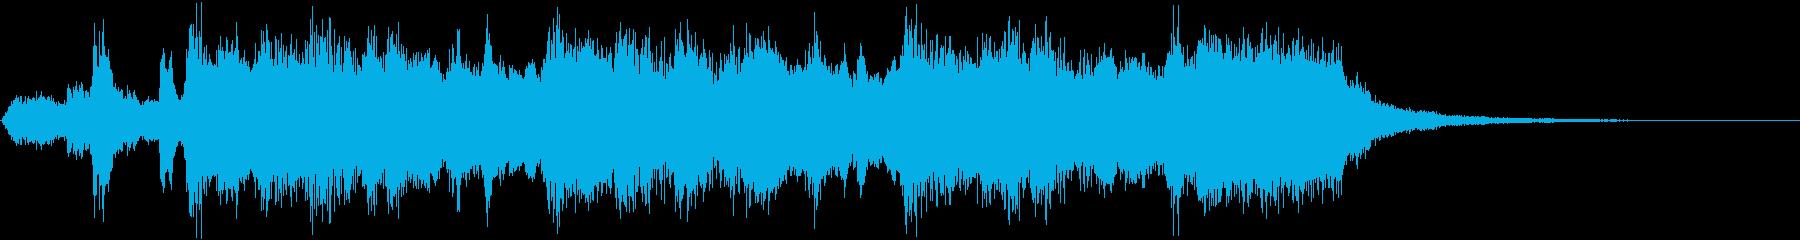 華麗なオーケストラ・ファンファーレの再生済みの波形